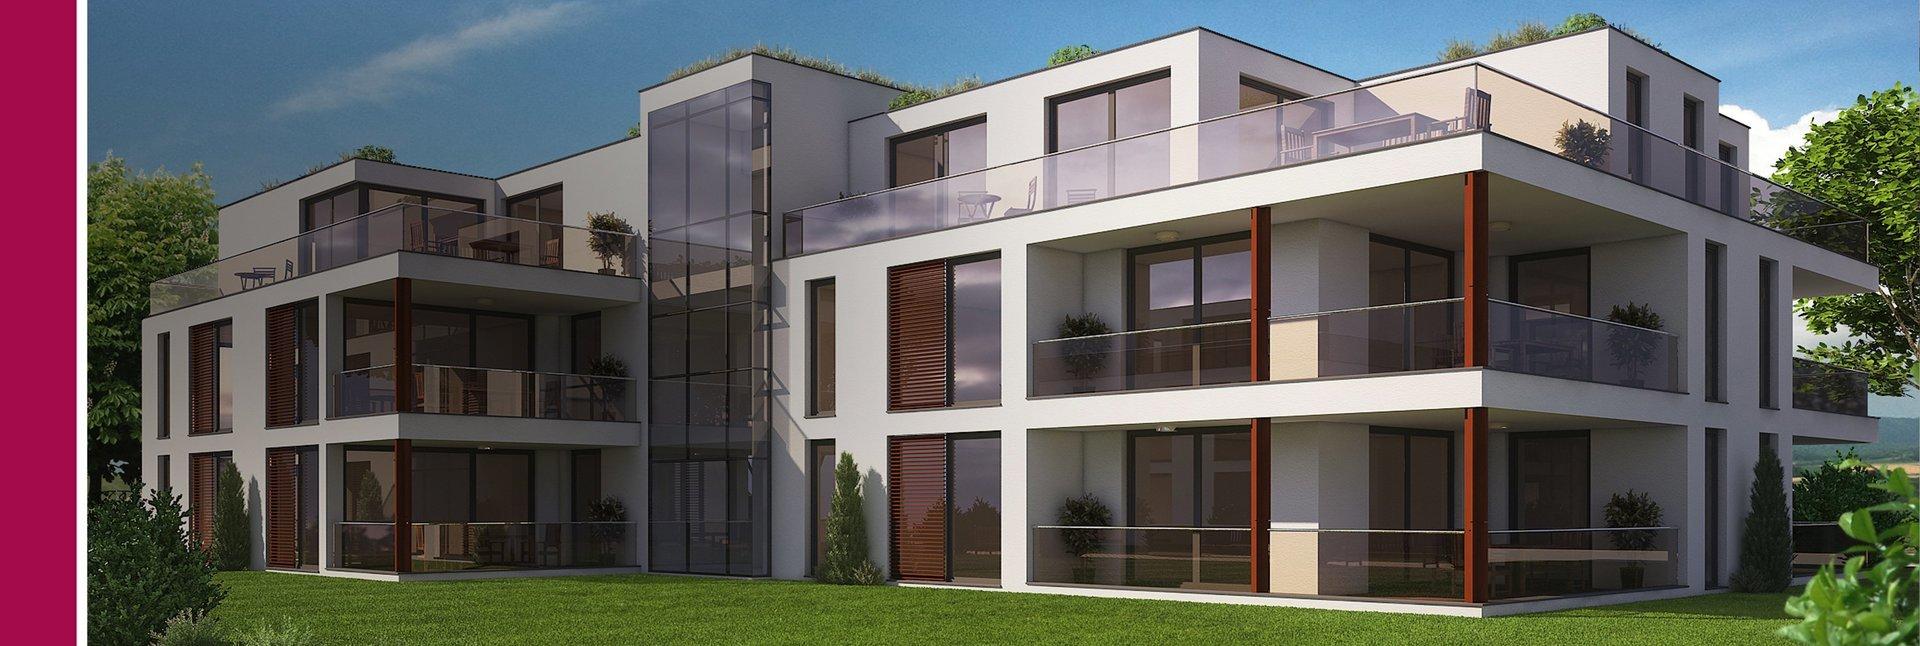 Wohnpark Barrierefrei Behindertengerecht Traumwohnung Dachterrasse Dachbegrünung